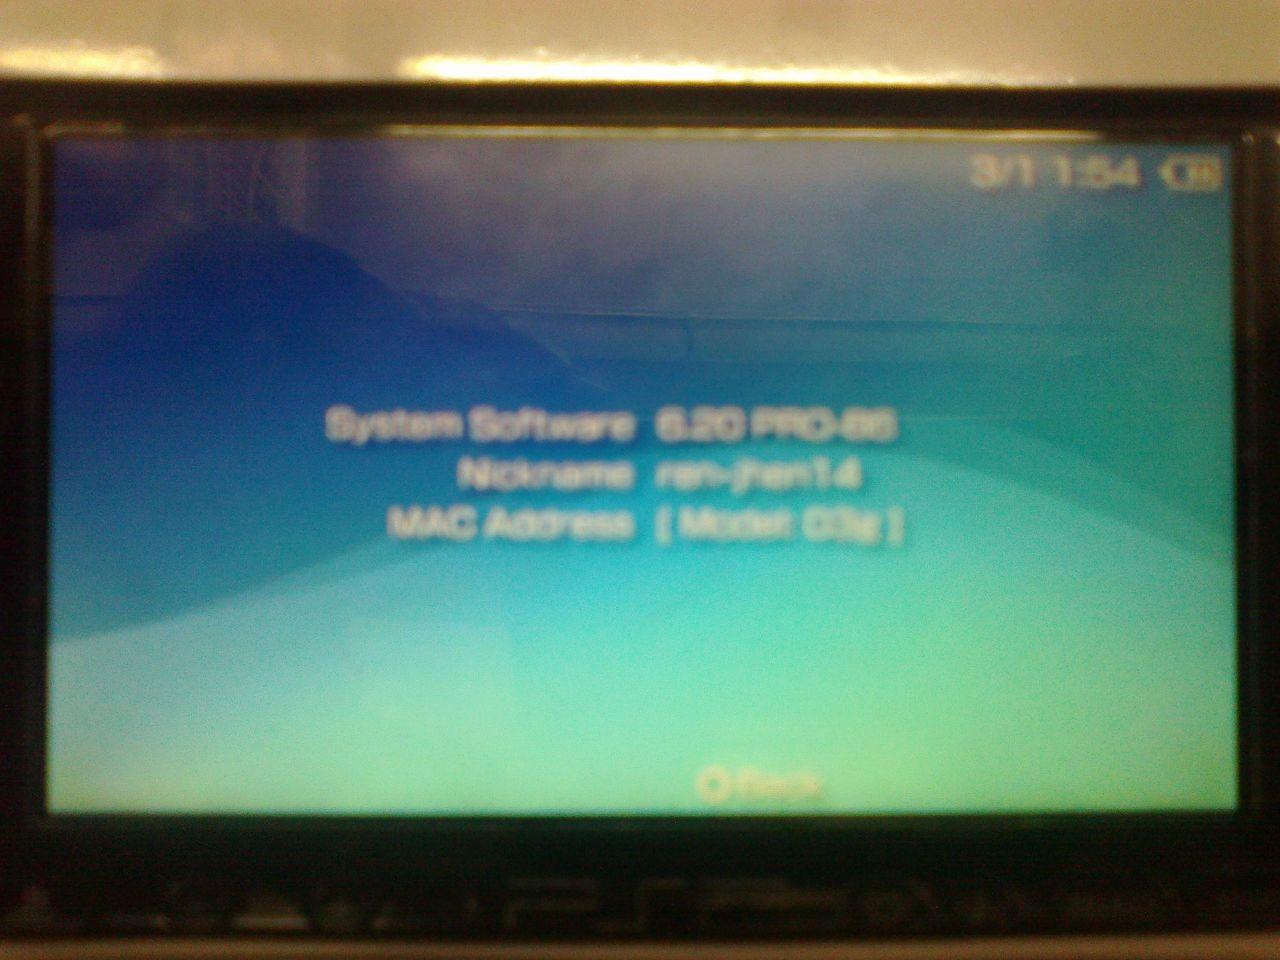 PSP slim model 3000 modify done 100220101256